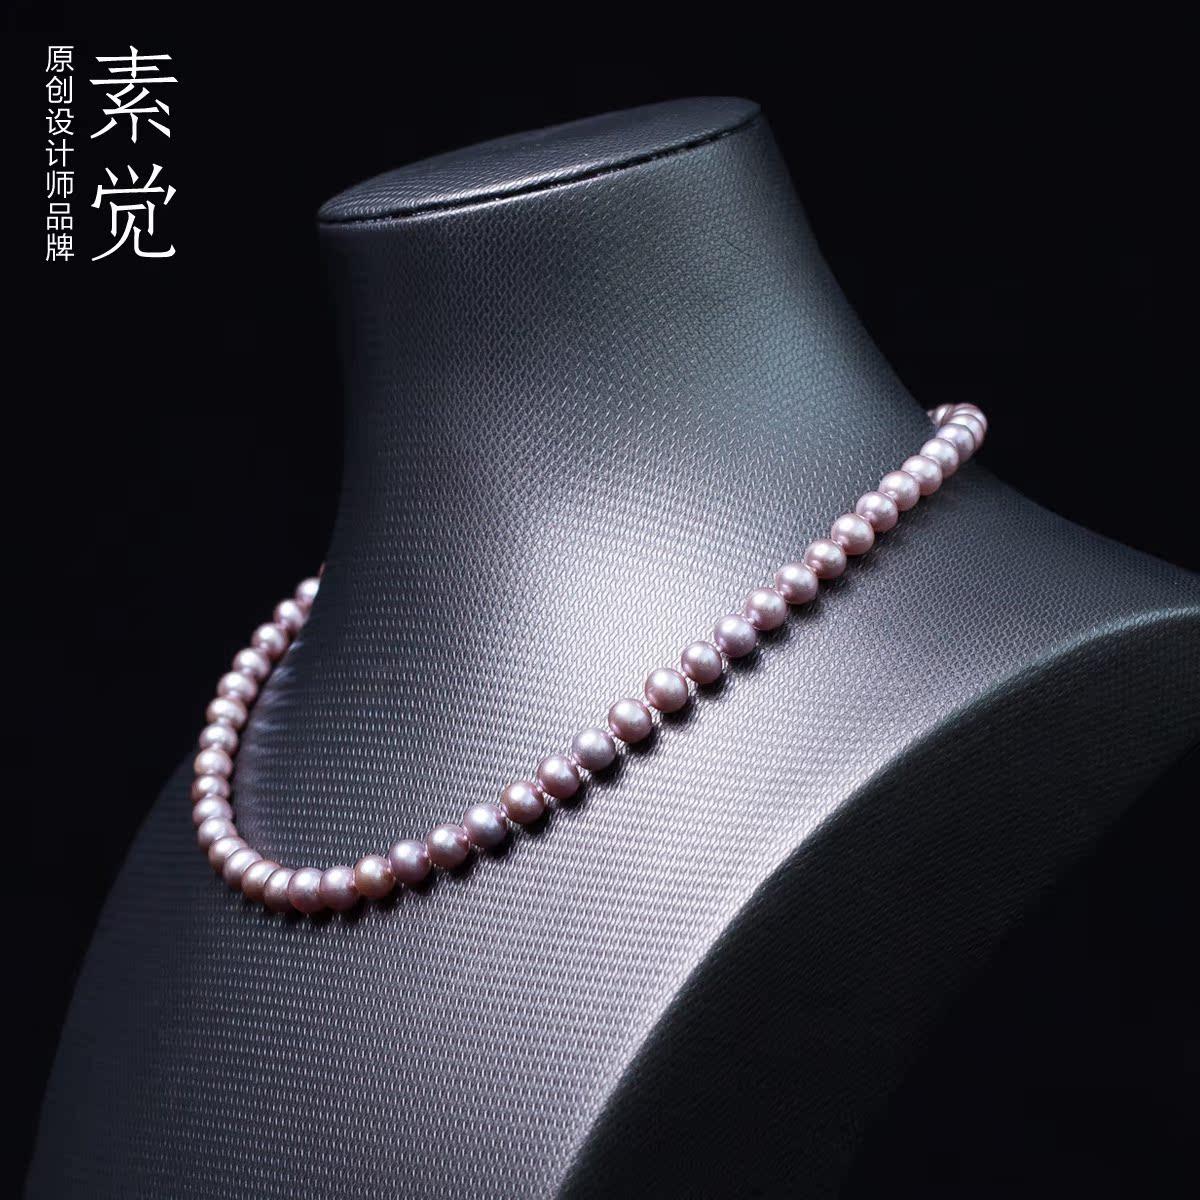 素觉精品系列近圆淡水珍珠首饰品女士优雅项链锁骨链母亲节礼物